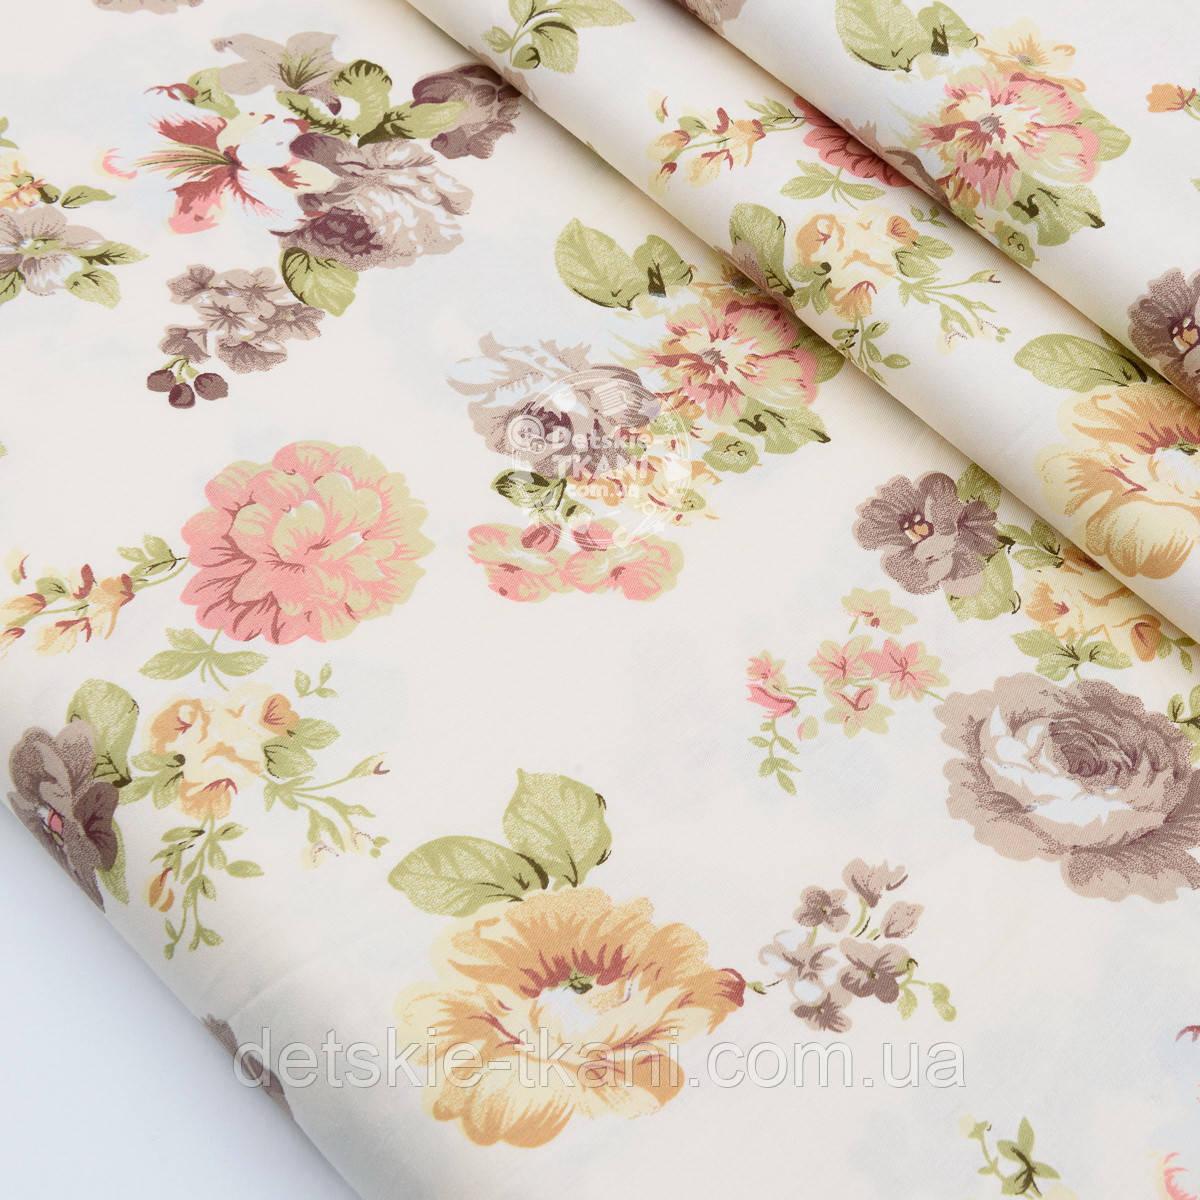 """Сатин ткань """"Фиалки и розы бежево-коричневого цвета"""" на кремовом №1740с"""